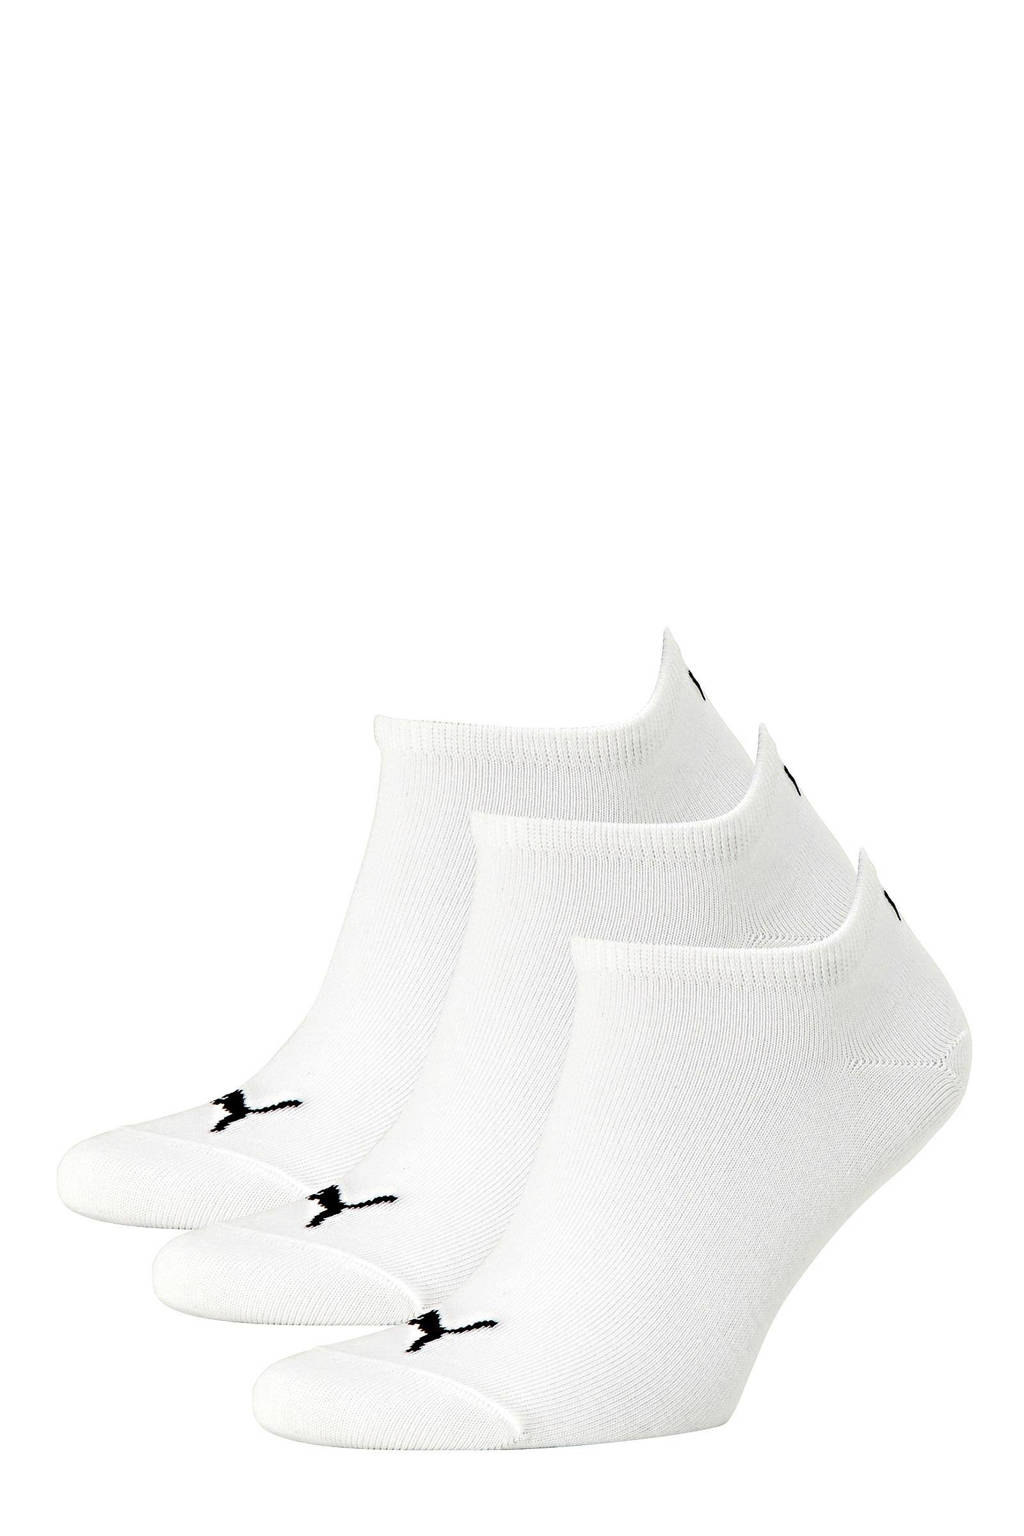 Puma   sneakersokken - set van 3 wit, Wit